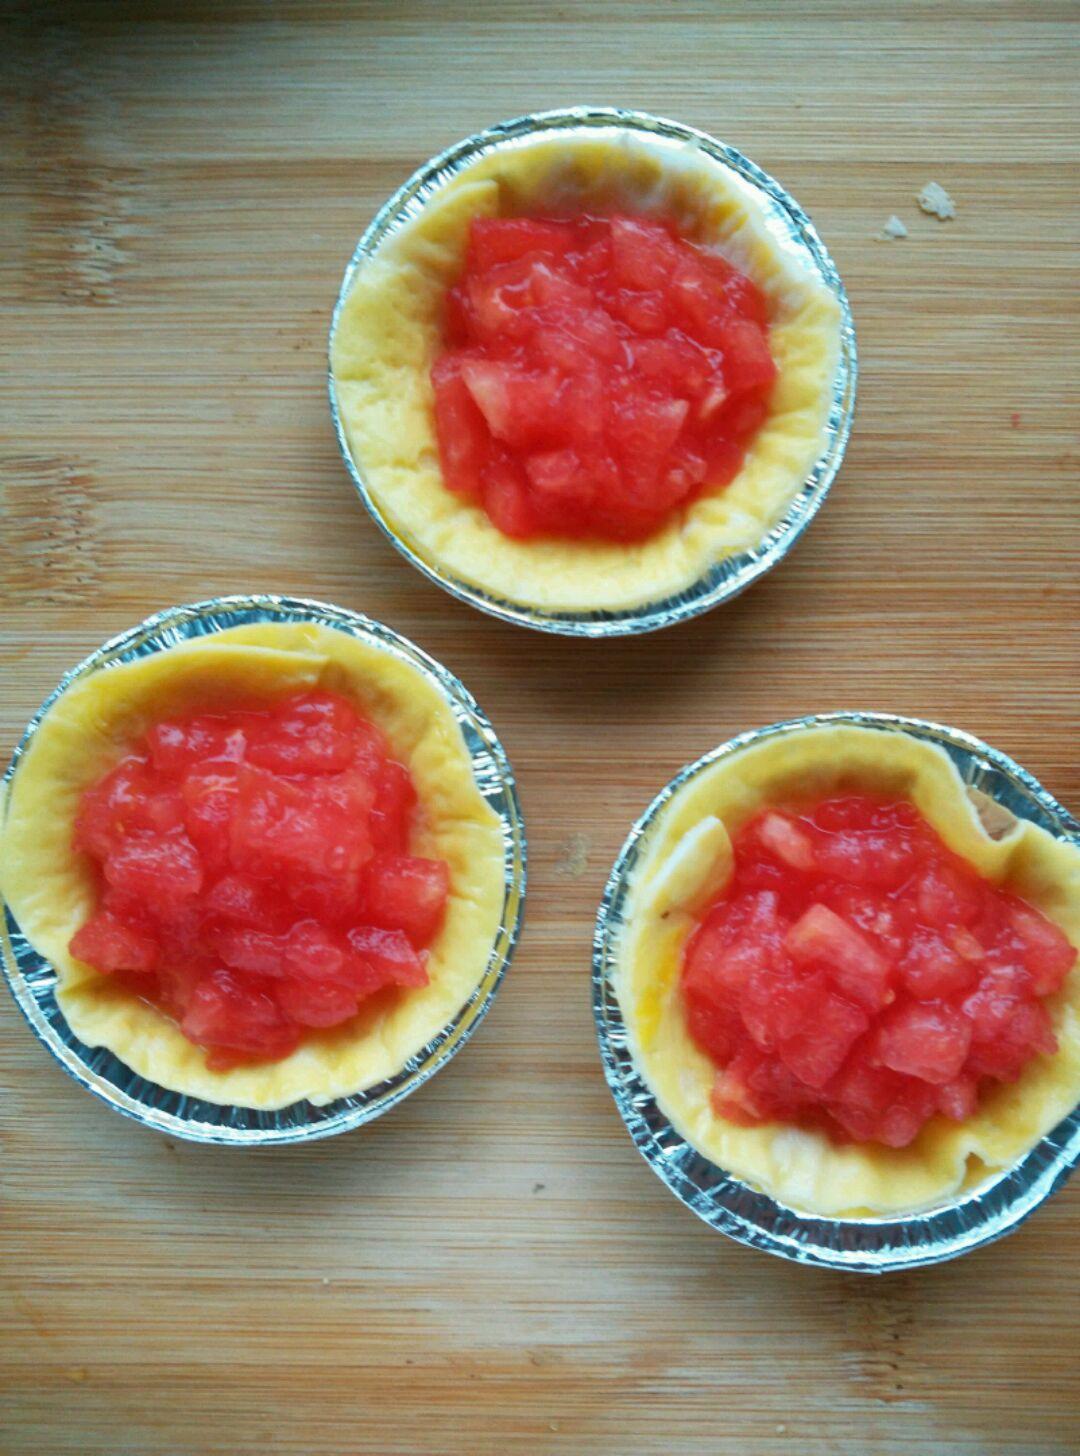 番茄蛋挞#全民赛西红柿炒蛋#的做法图解8